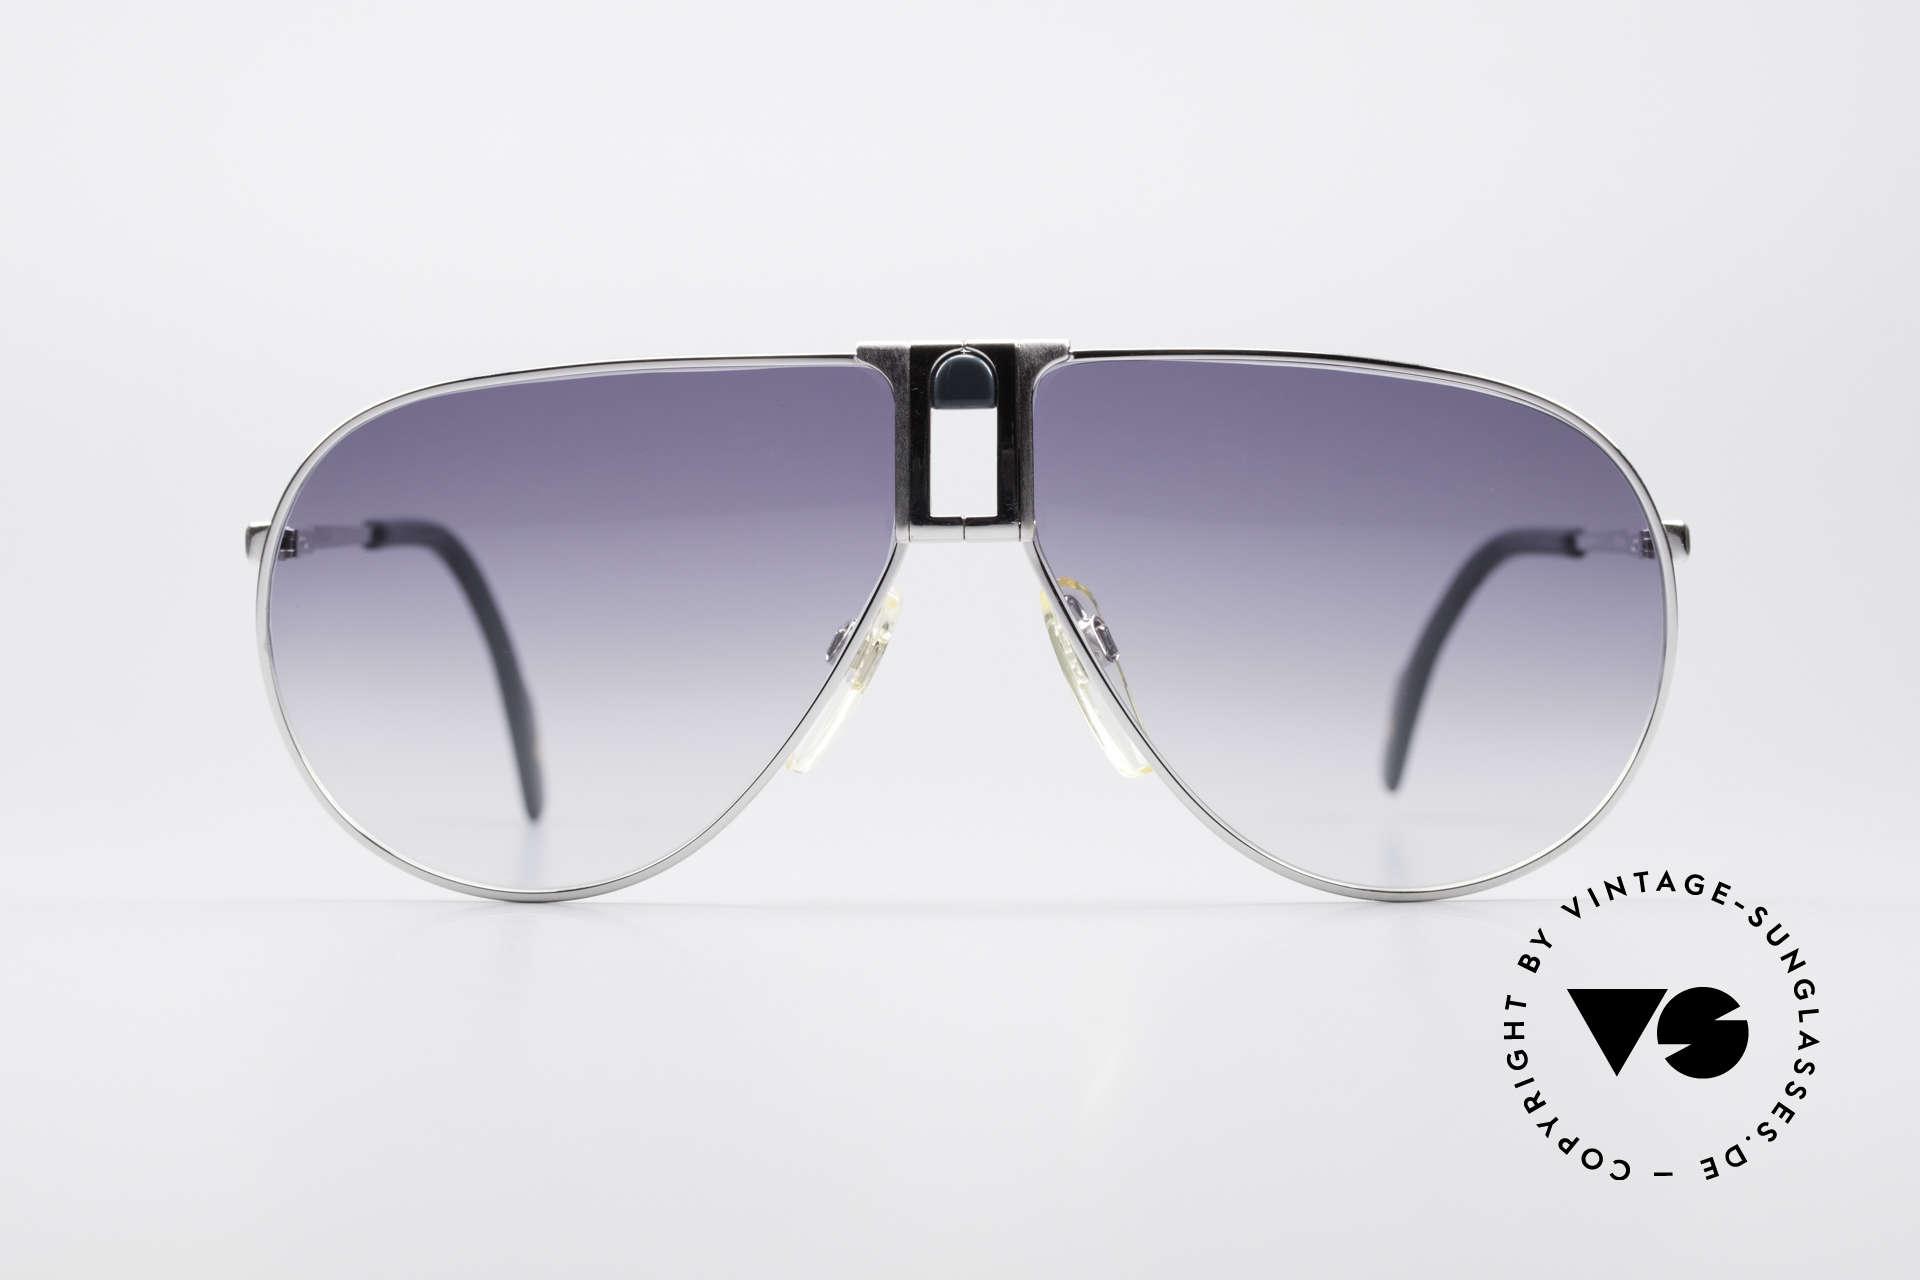 Longines 0154 Large 80er Aviator Sonnenbrille, Large-Größe (138mm breit) & mit GENTA Lederetui, Passend für Herren